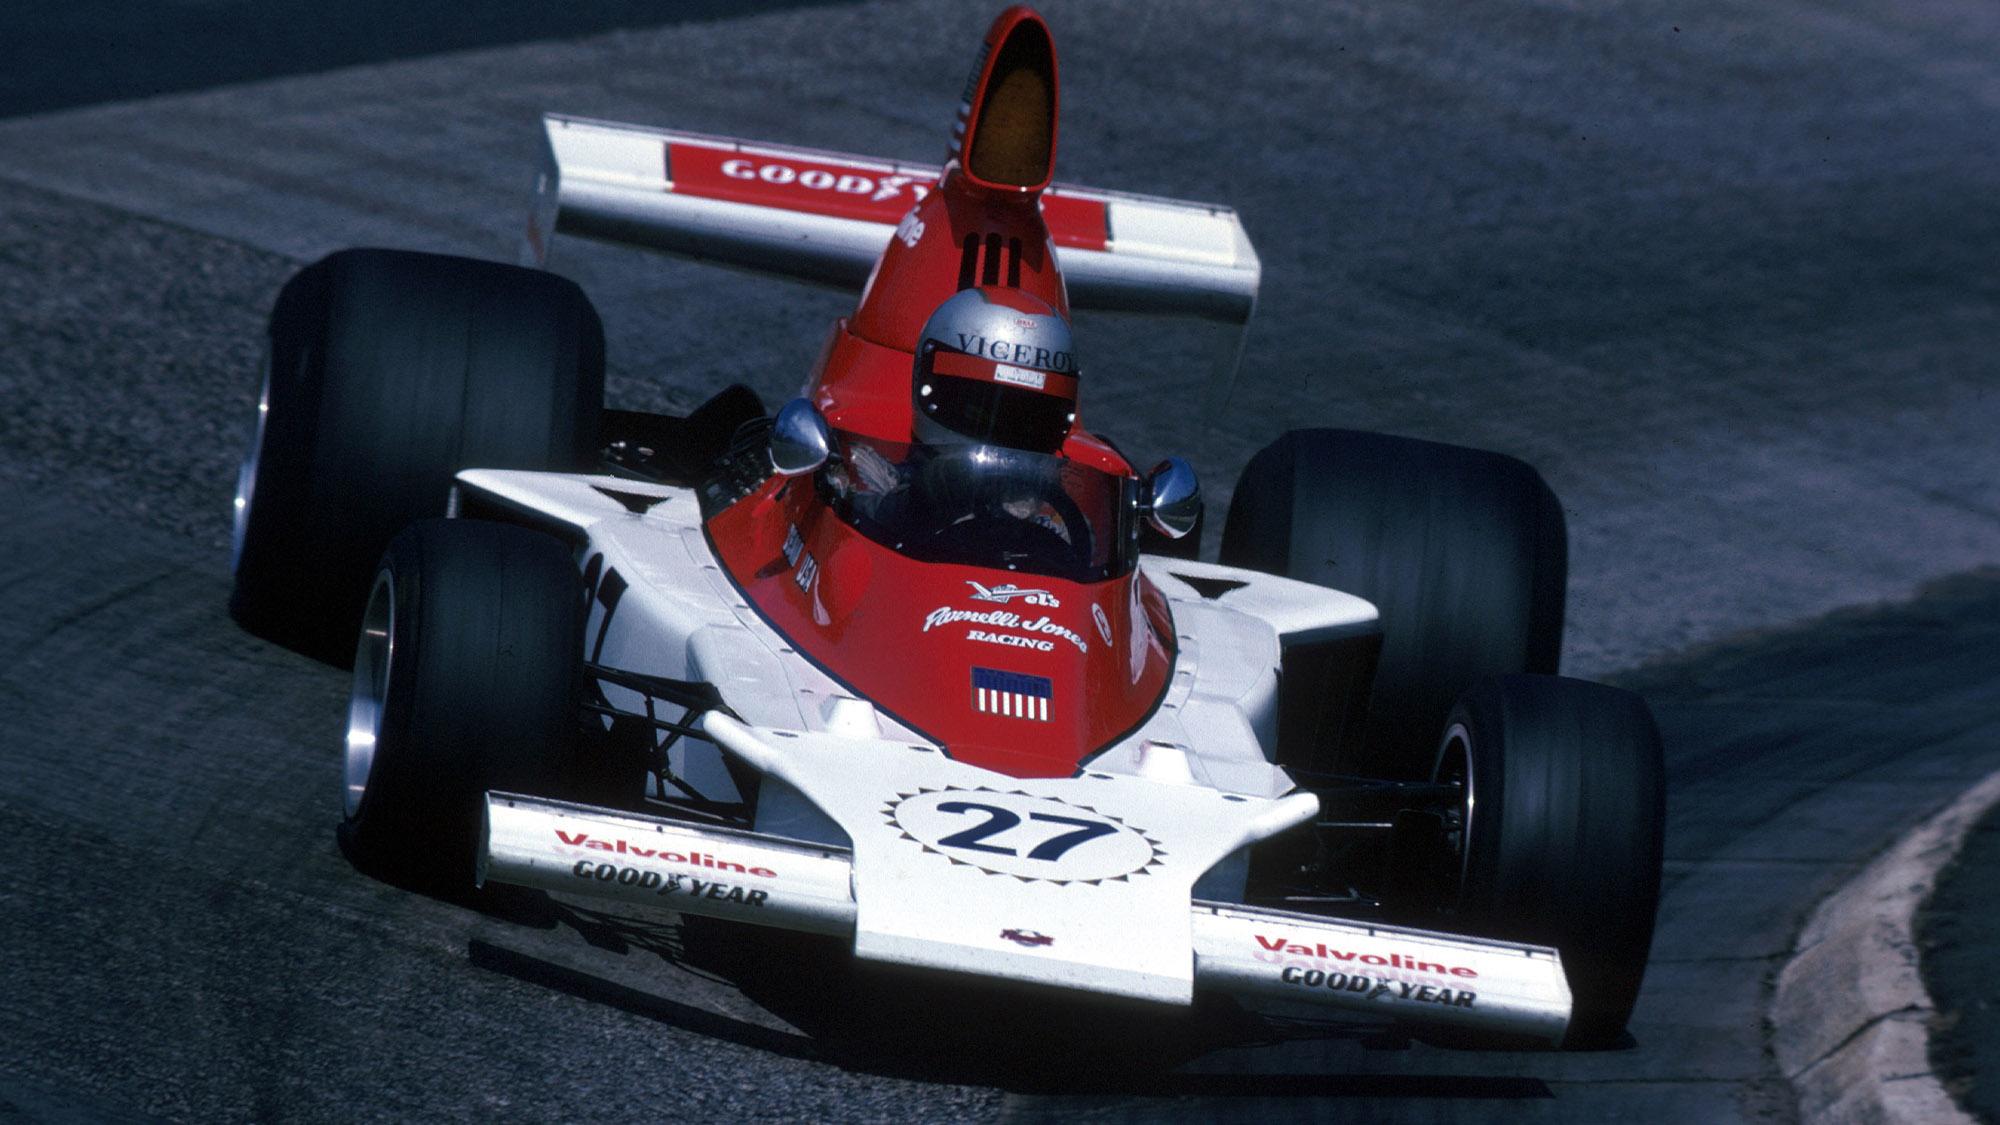 Mario Andretti in the VPJ-4 at the 1976 German Grand Prix